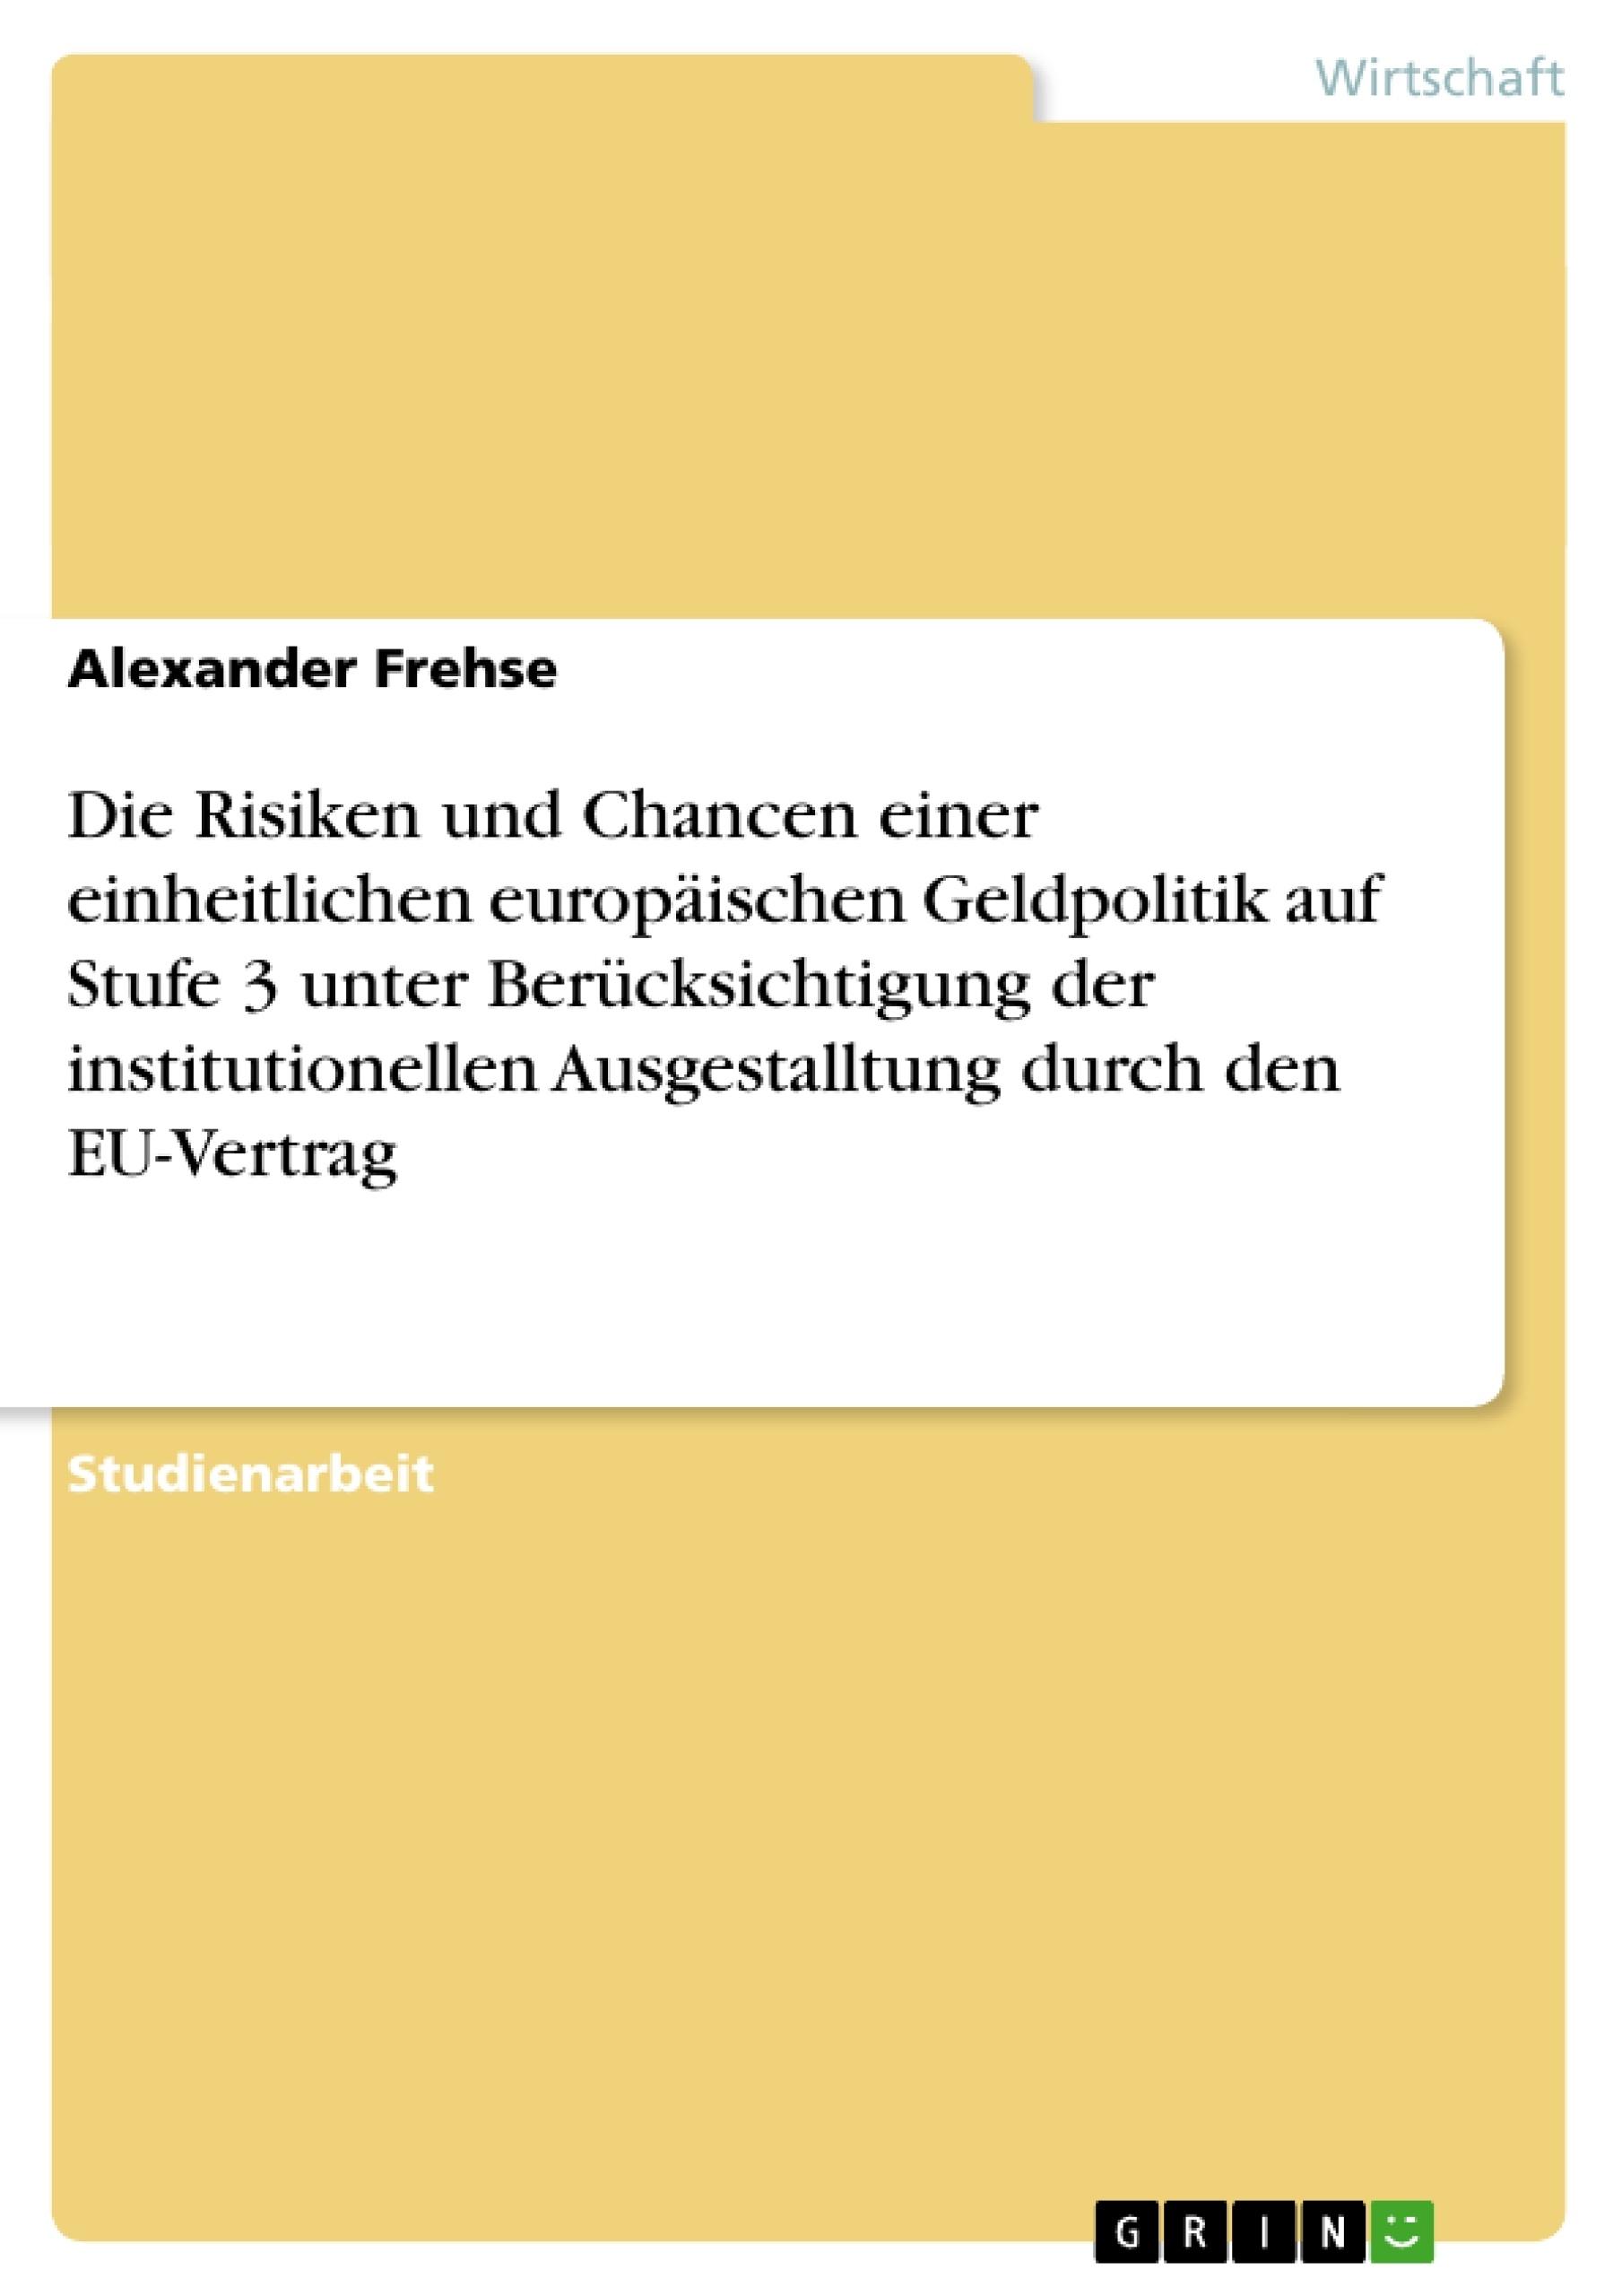 Titel: Die Risiken und Chancen einer einheitlichen europäischen Geldpolitik auf Stufe 3 unter Berücksichtigung der institutionellen Ausgestalltung durch den EU-Vertrag